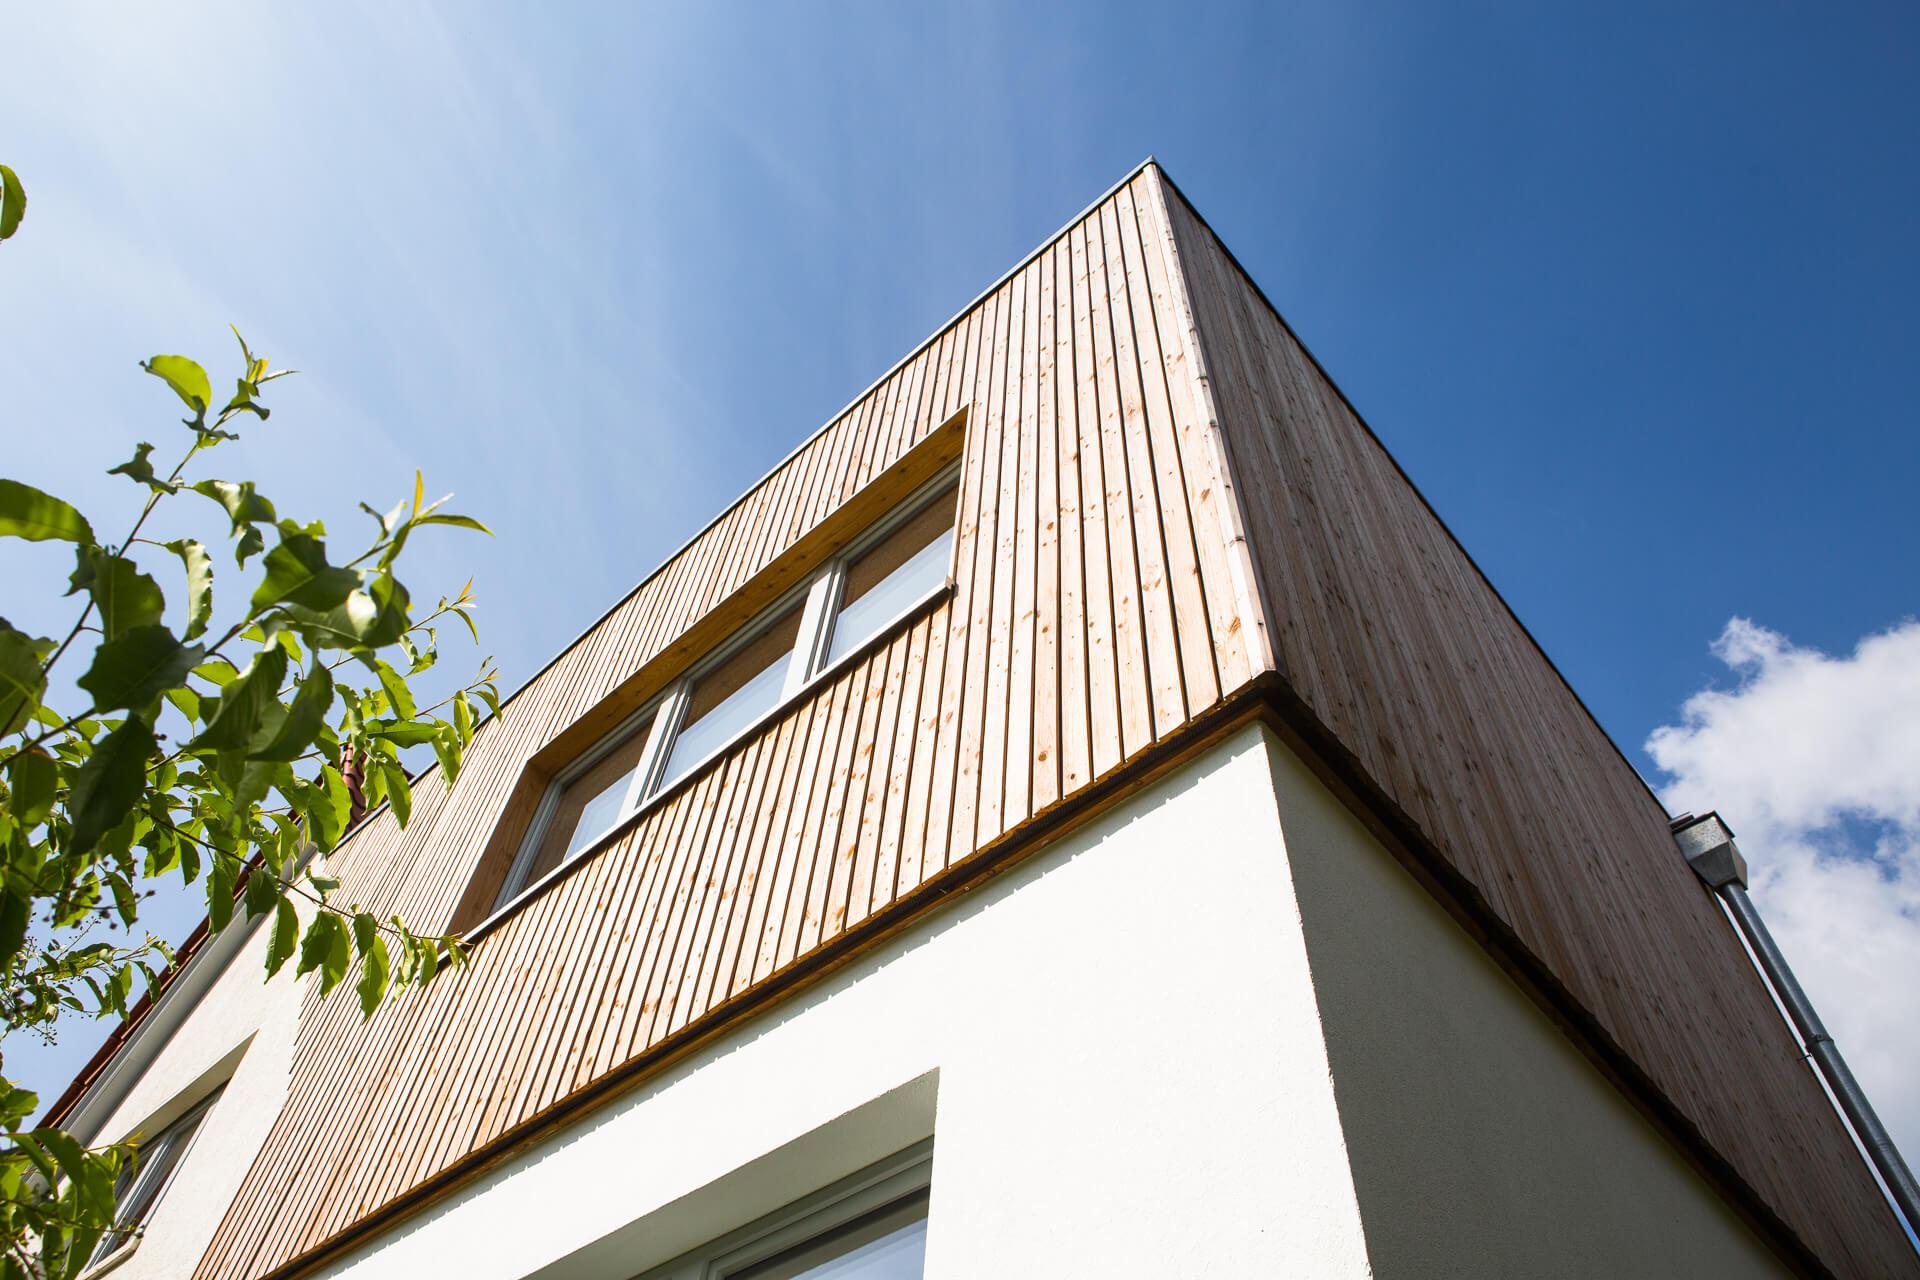 Außenansicht vom Ryan Baugestaltung Anbau Volksdorf mit modernem Holzanbau